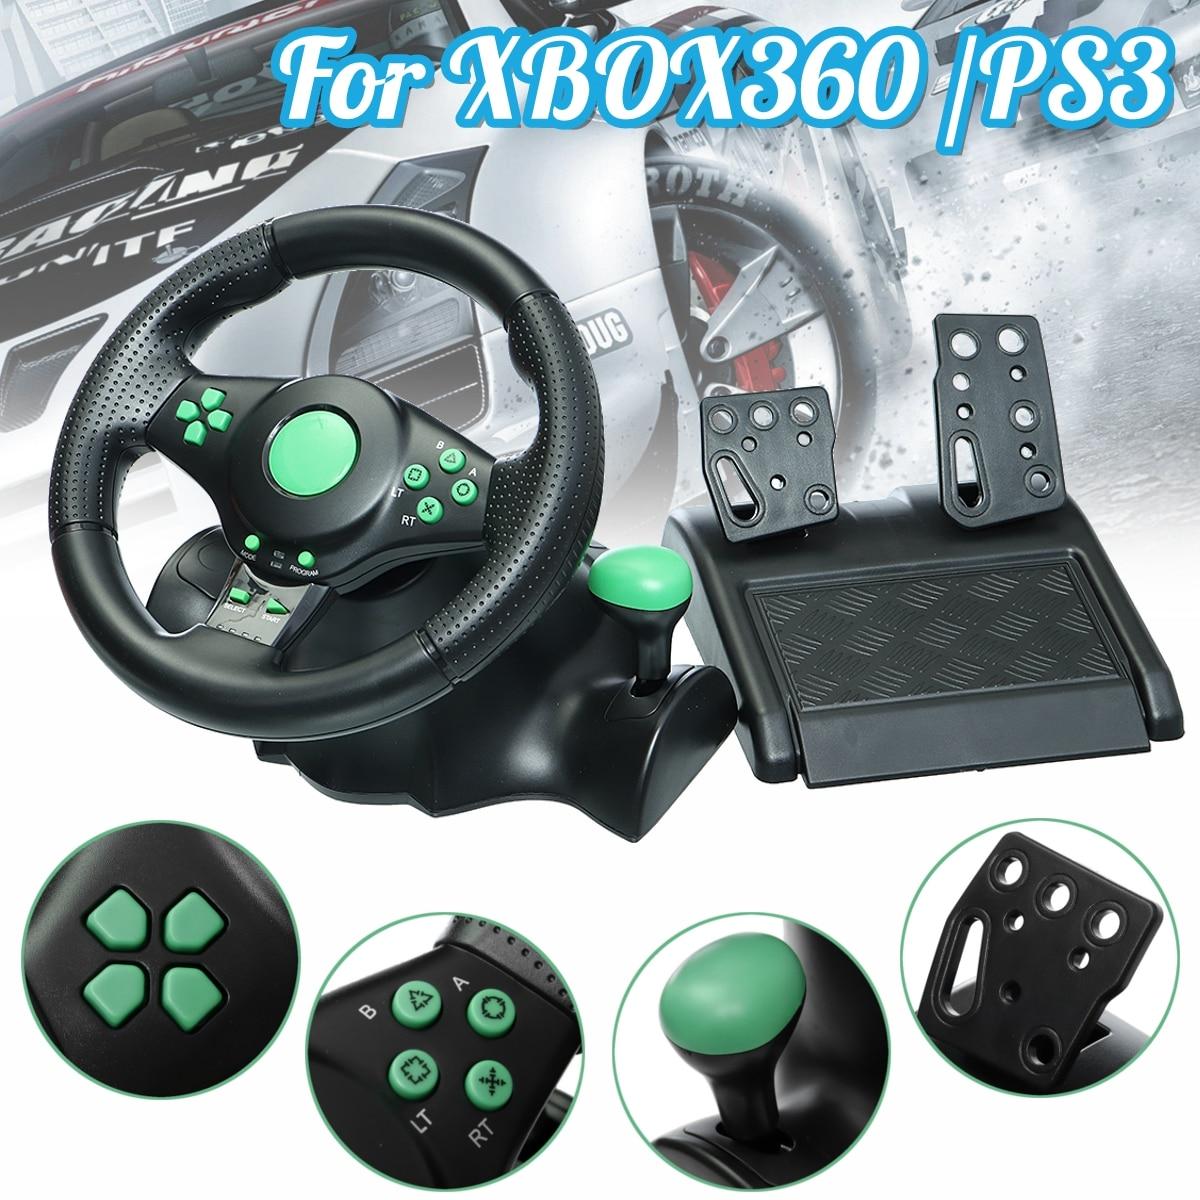 Feedback Racing volante + Pedal Set Racing Gaming conducción PC para ps3